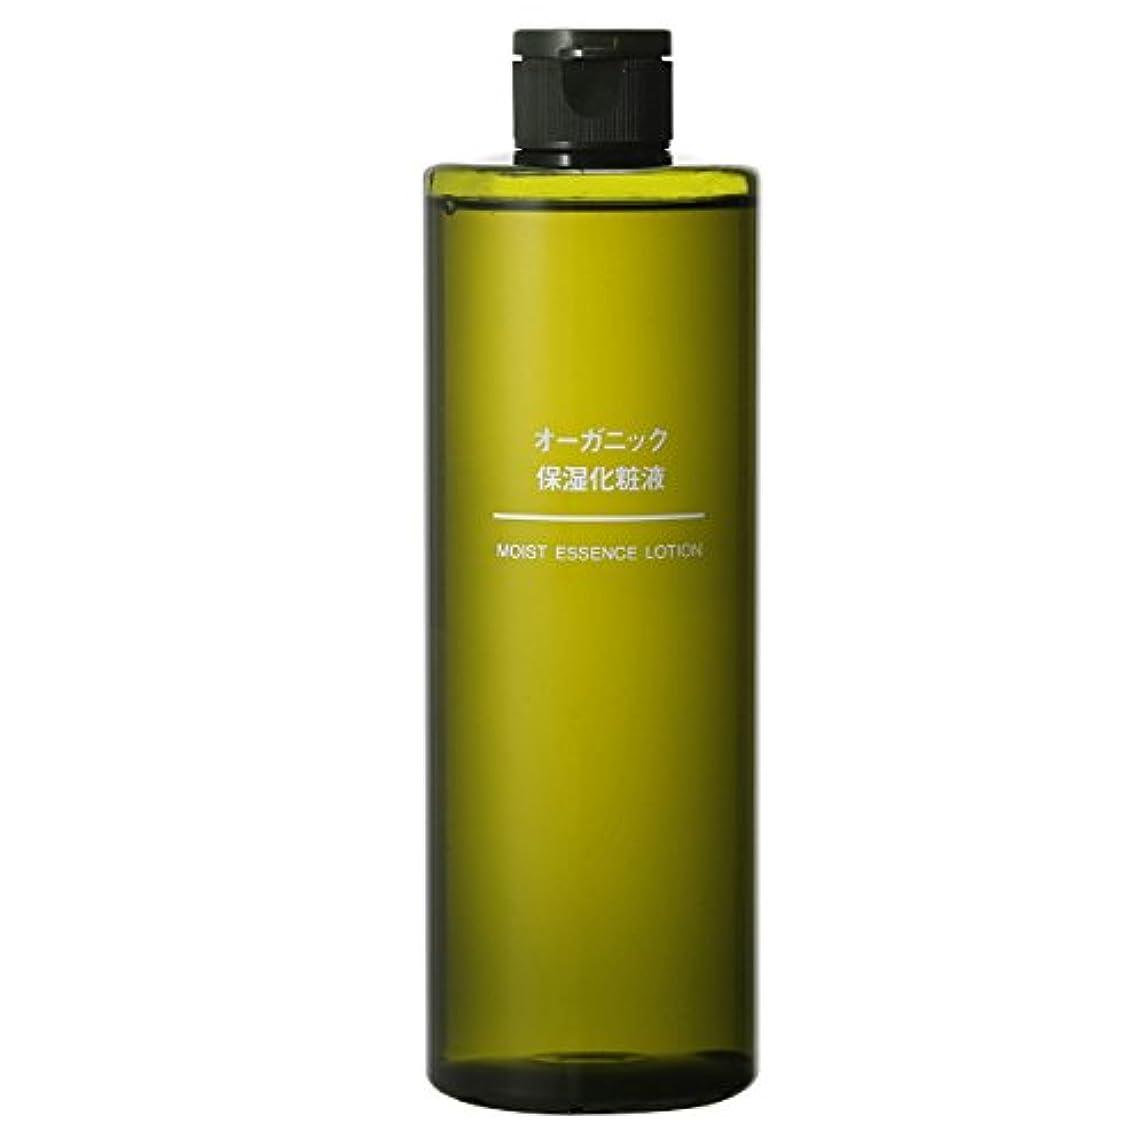 座標放映飲み込む無印良品 オーガニック保湿化粧液(大容量) 400ml